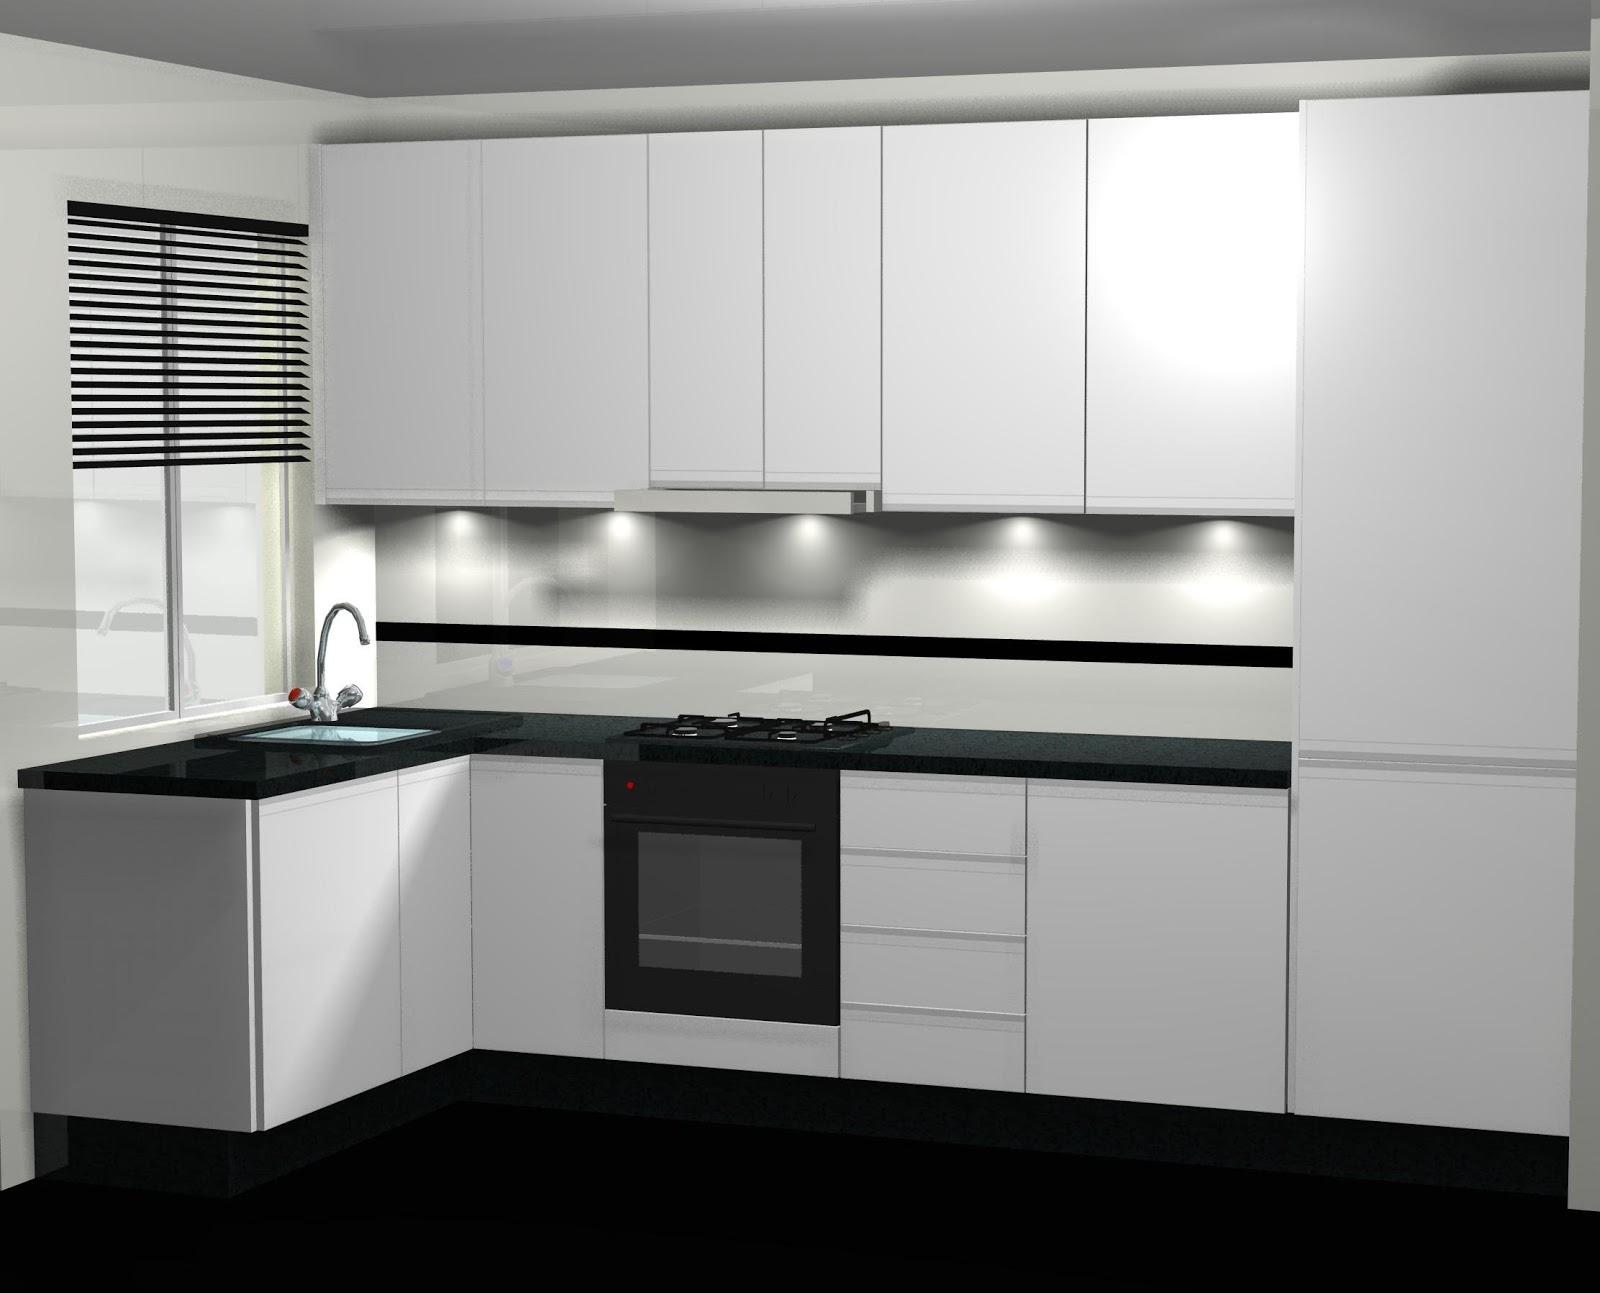 Mi Cocina Diseno De Cocina En Blanco Lacado Con Encimera En Negro - Como-disear-mi-cocina